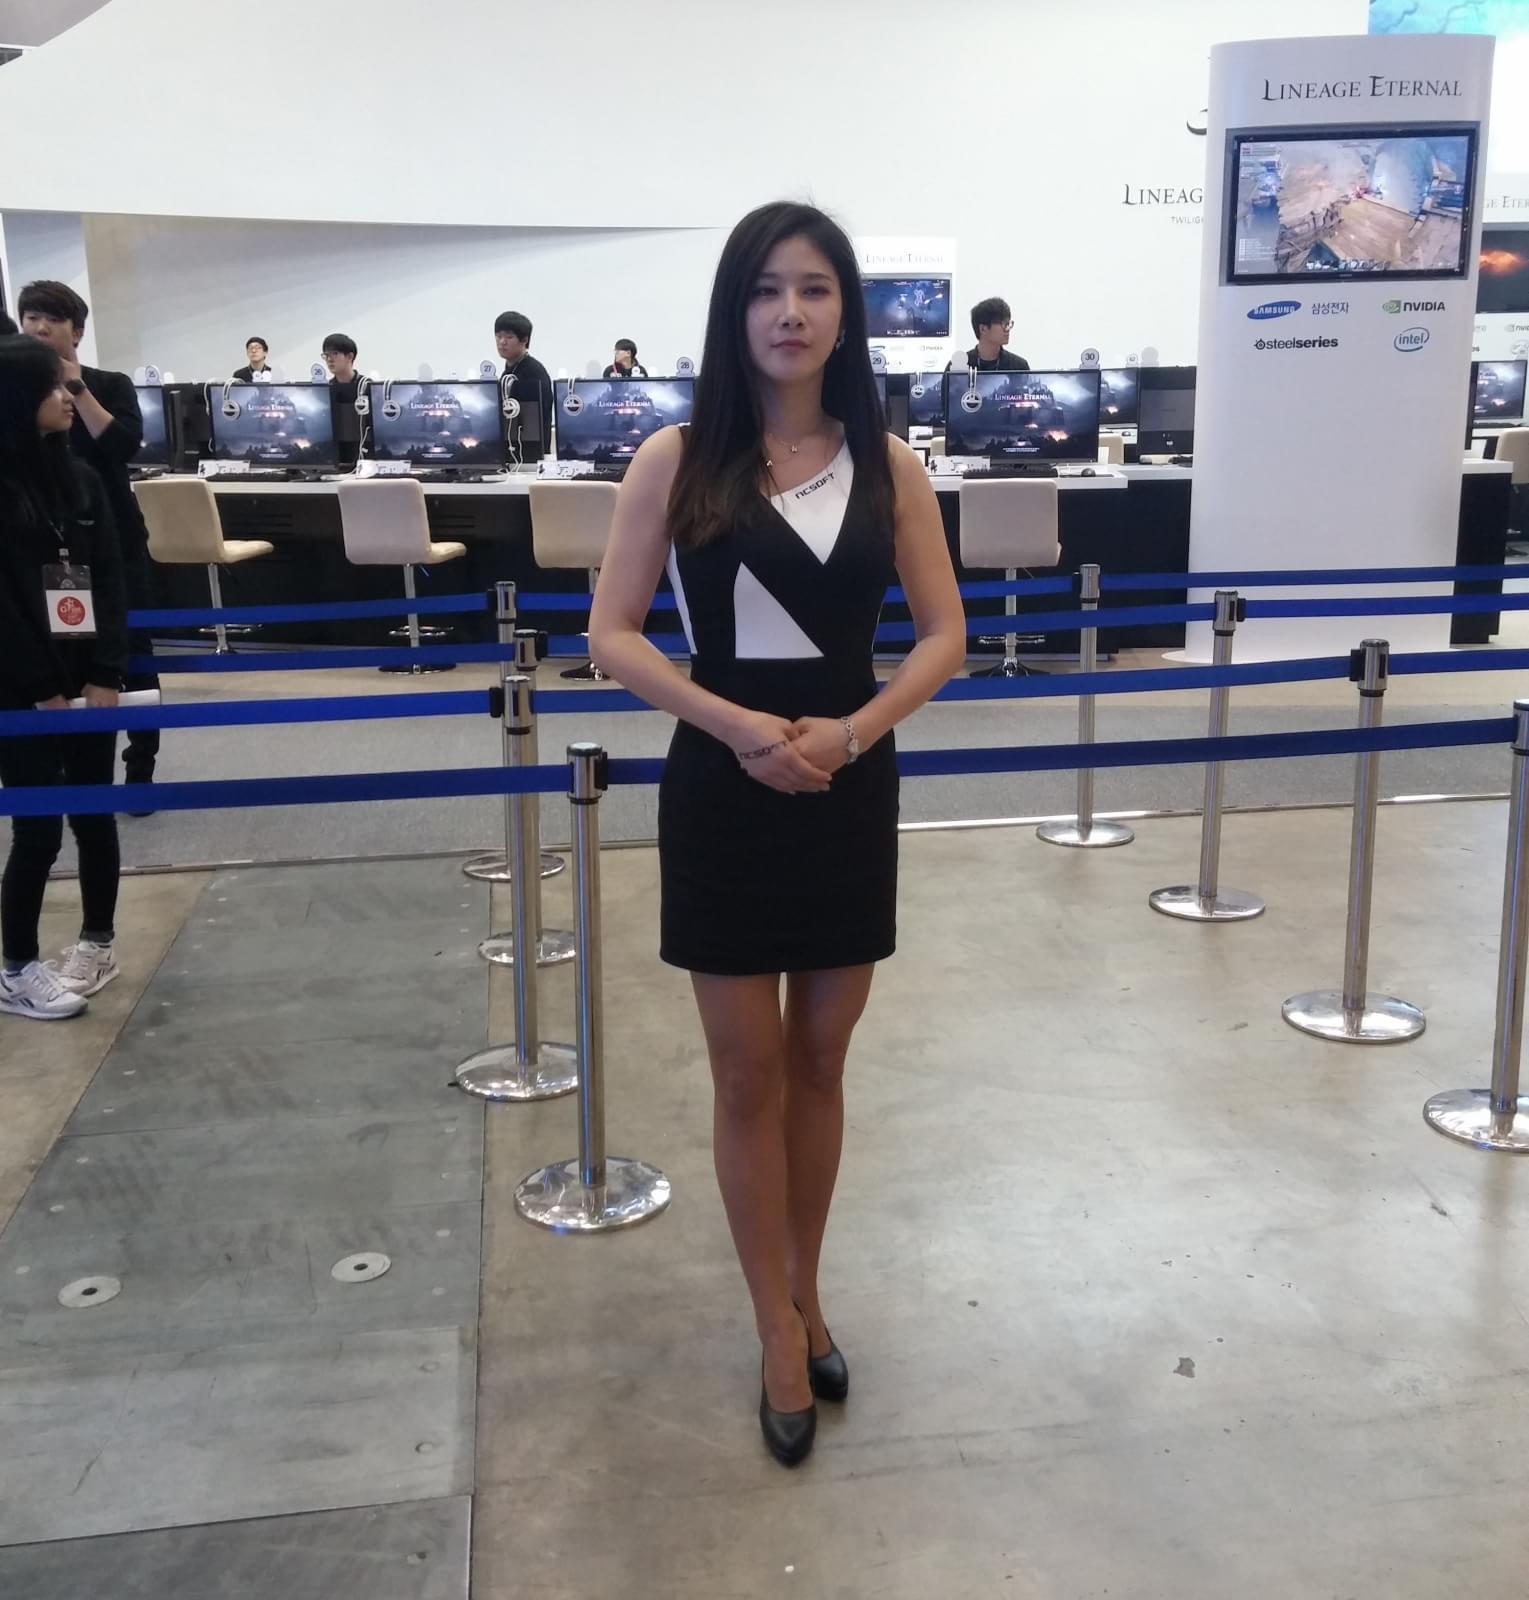 G-Star 2014: confira as fotos das booth babes que embelezaram o evento